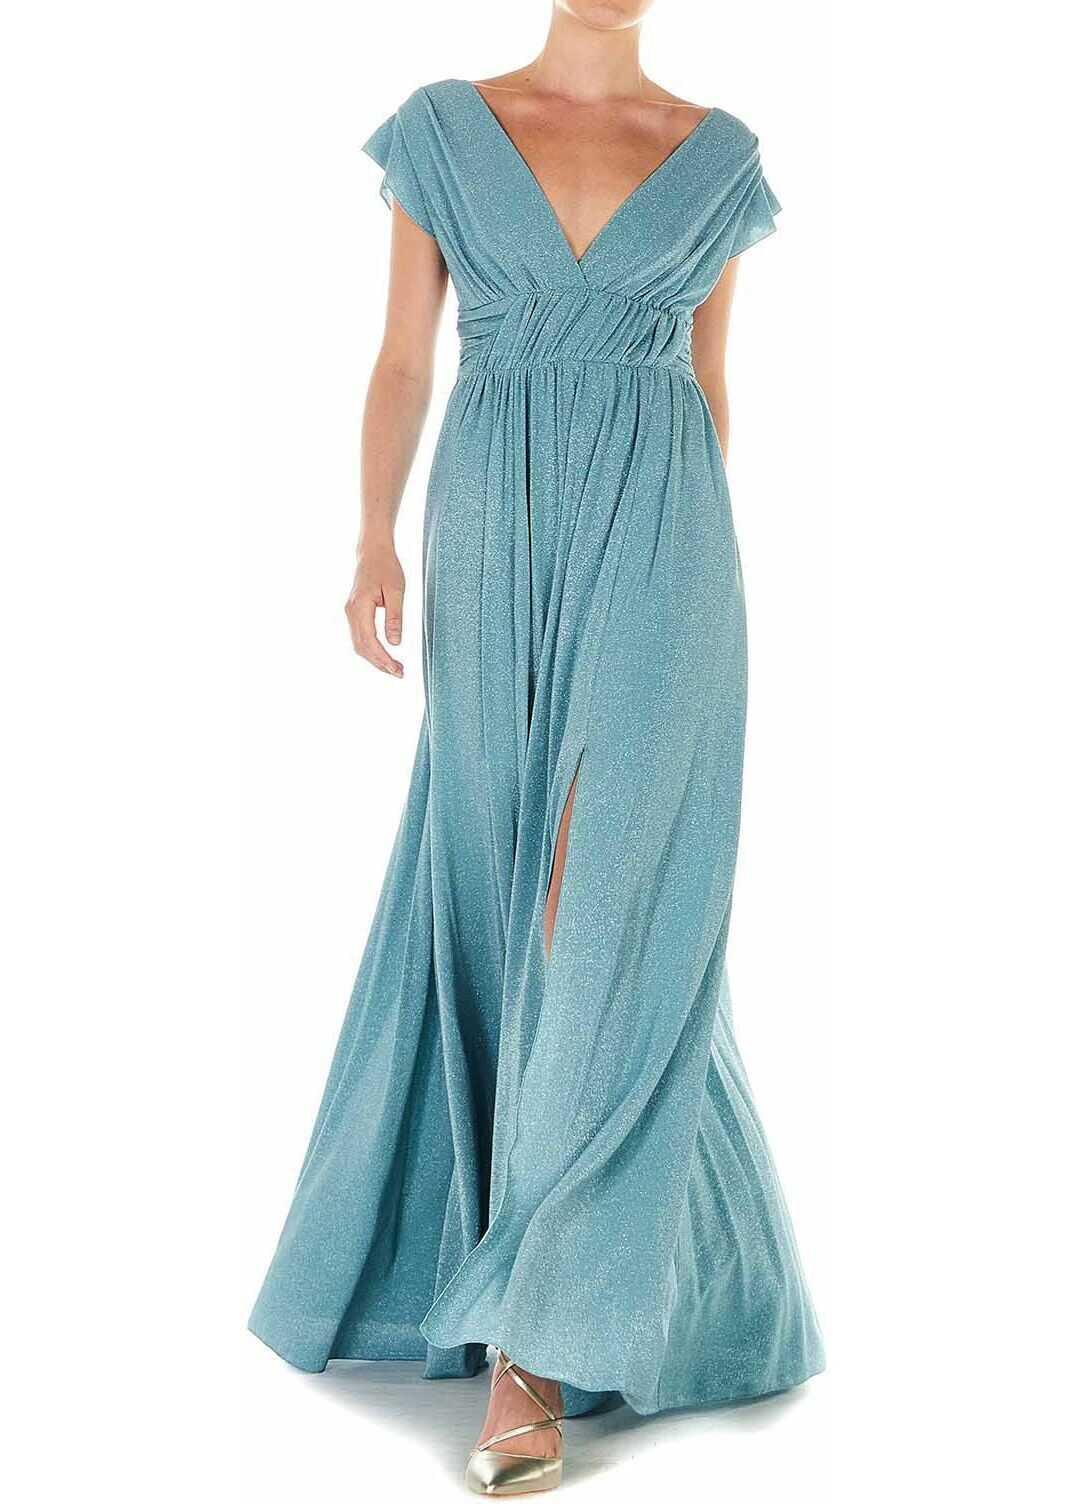 Liu Jo Maxi dress with glitter finish Blue